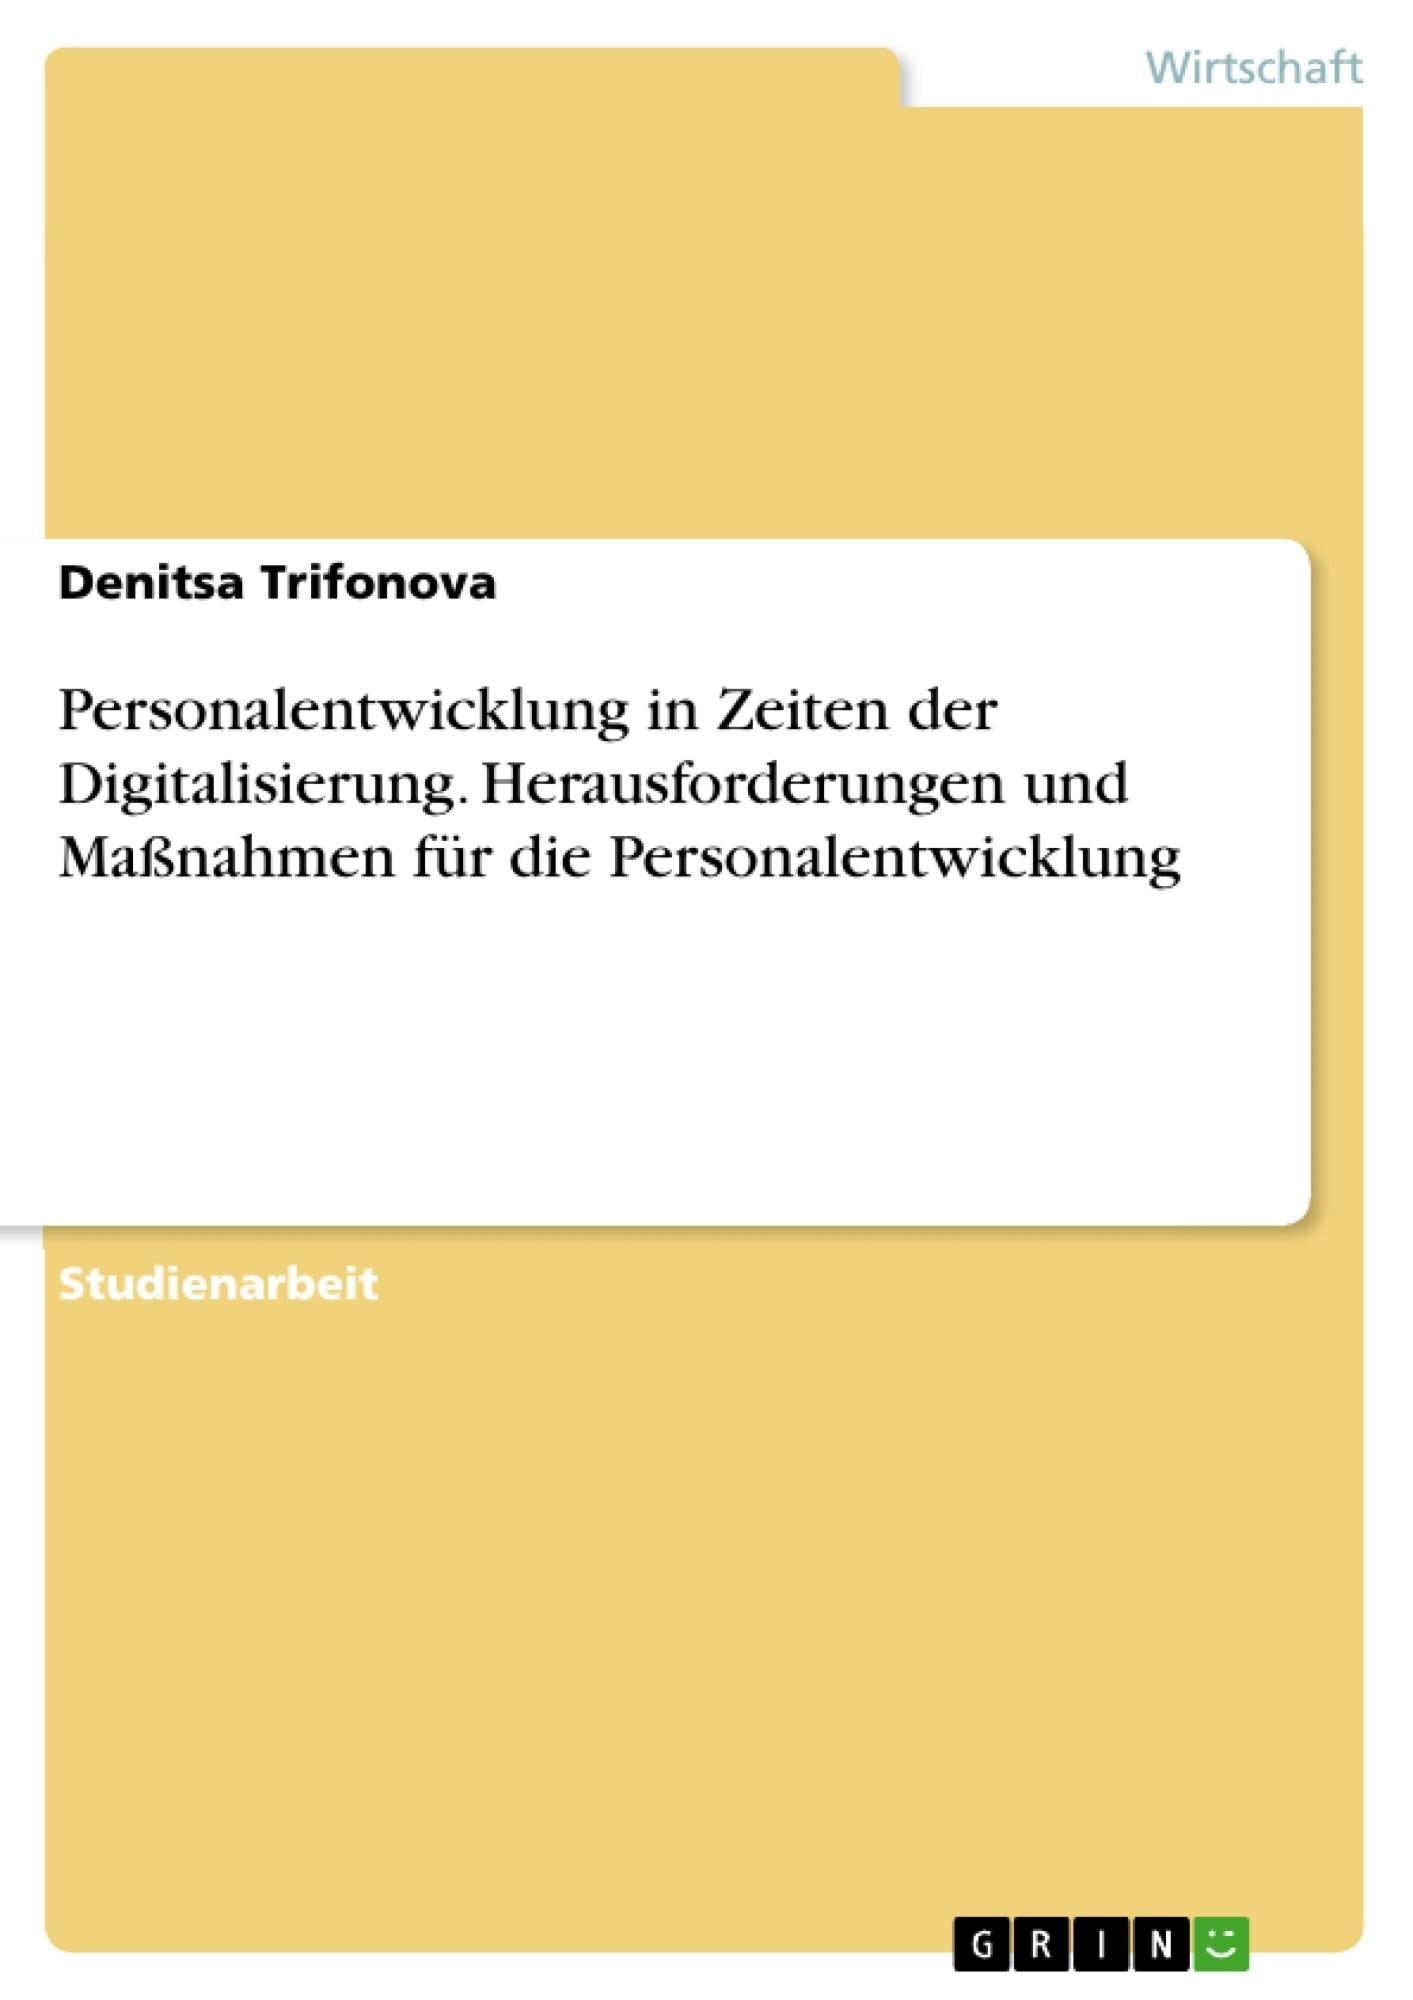 Titel: Personalentwicklung in Zeiten der Digitalisierung. Herausforderungen und Maßnahmen für die Personalentwicklung